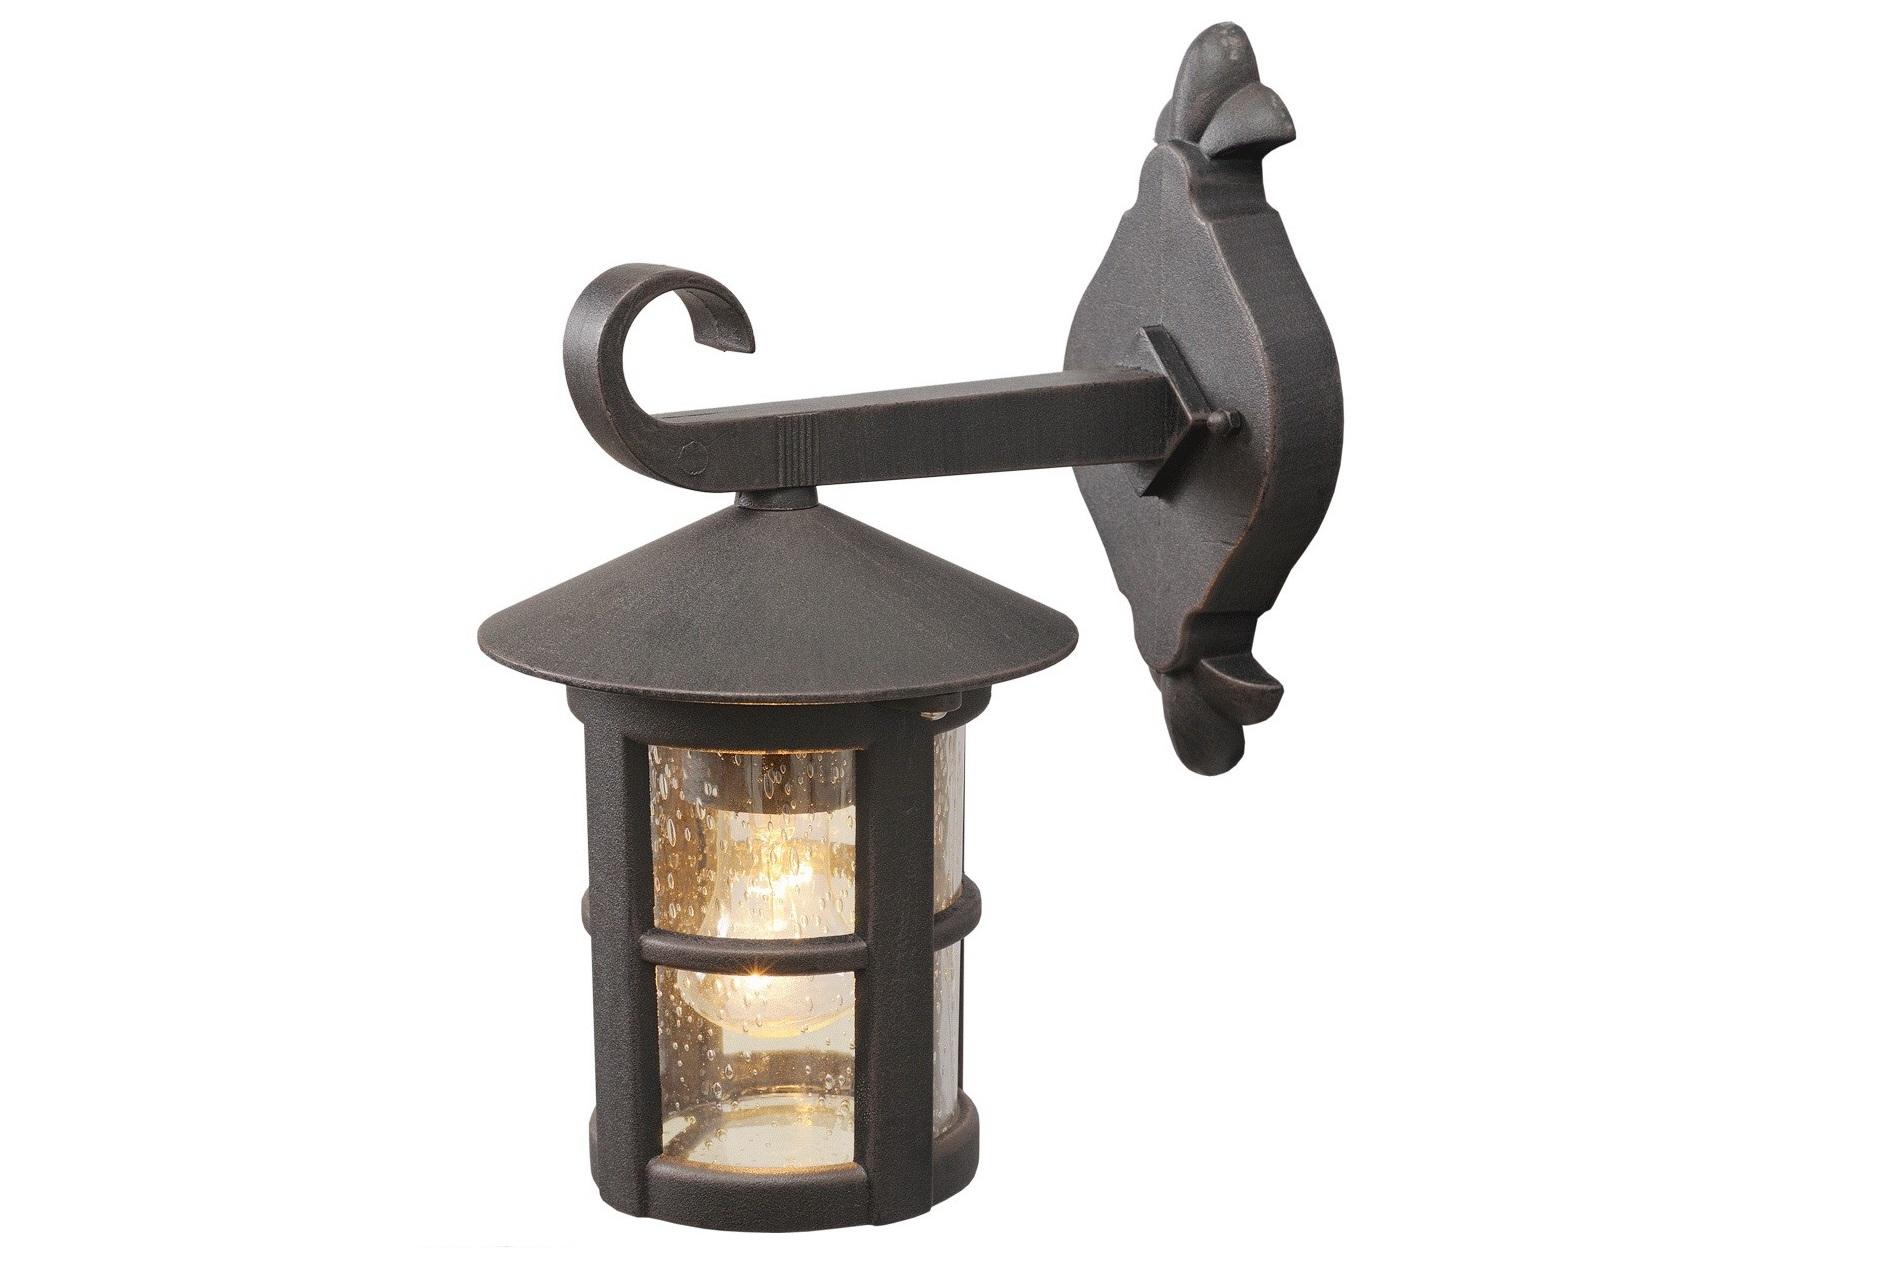 Уличный светильник ТелаурУличные настенные светильники<br>&amp;lt;div&amp;gt;Основание из алюминия черного цвета, плафоны из &amp;amp;nbsp;стекла.&amp;lt;/div&amp;gt;&amp;lt;div&amp;gt;&amp;lt;br&amp;gt;&amp;lt;/div&amp;gt;&amp;lt;div&amp;gt;Мощность 1*60W&amp;lt;/div&amp;gt;&amp;lt;div&amp;gt;Цоколь E27&amp;lt;/div&amp;gt;&amp;lt;div&amp;gt;&amp;lt;span style=&amp;quot;line-height: 1.78571;&amp;quot;&amp;gt;Степень защиты светильников от пыли и влаги&amp;lt;/span&amp;gt;&amp;lt;span style=&amp;quot;line-height: 1.78571;&amp;quot;&amp;gt;&amp;amp;nbsp;IP44&amp;lt;/span&amp;gt;&amp;lt;/div&amp;gt;<br><br>Material: Алюминий<br>Ширина см: 15<br>Высота см: 30<br>Глубина см: 23